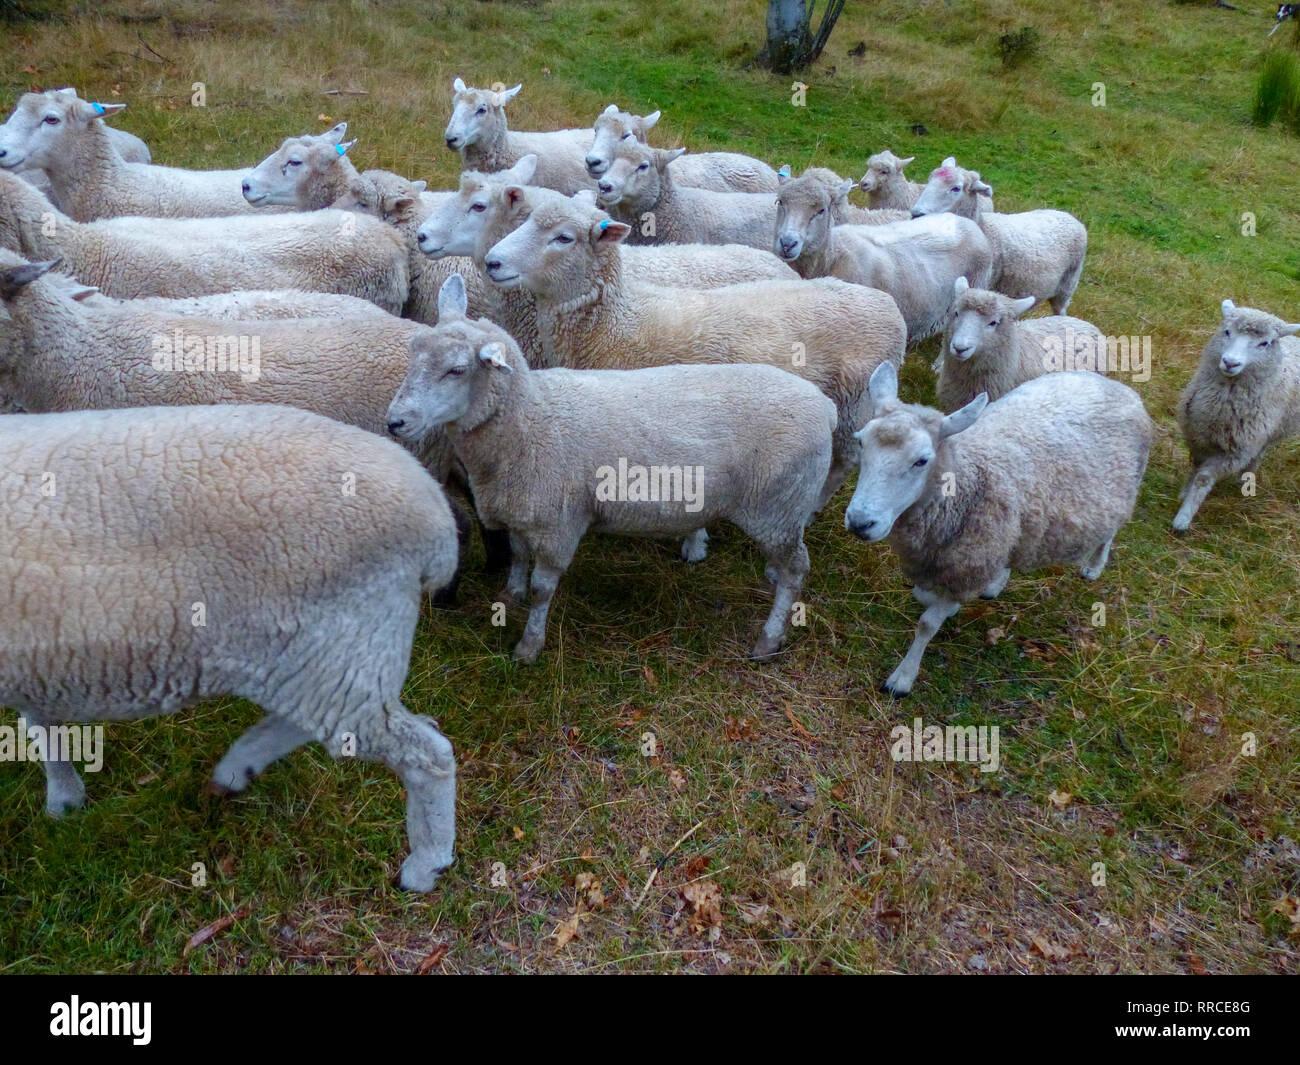 Pastor ovejero y pastoreando ovejas. Fotografiado cerca de Christchurch, Nueva Zelanda Foto de stock